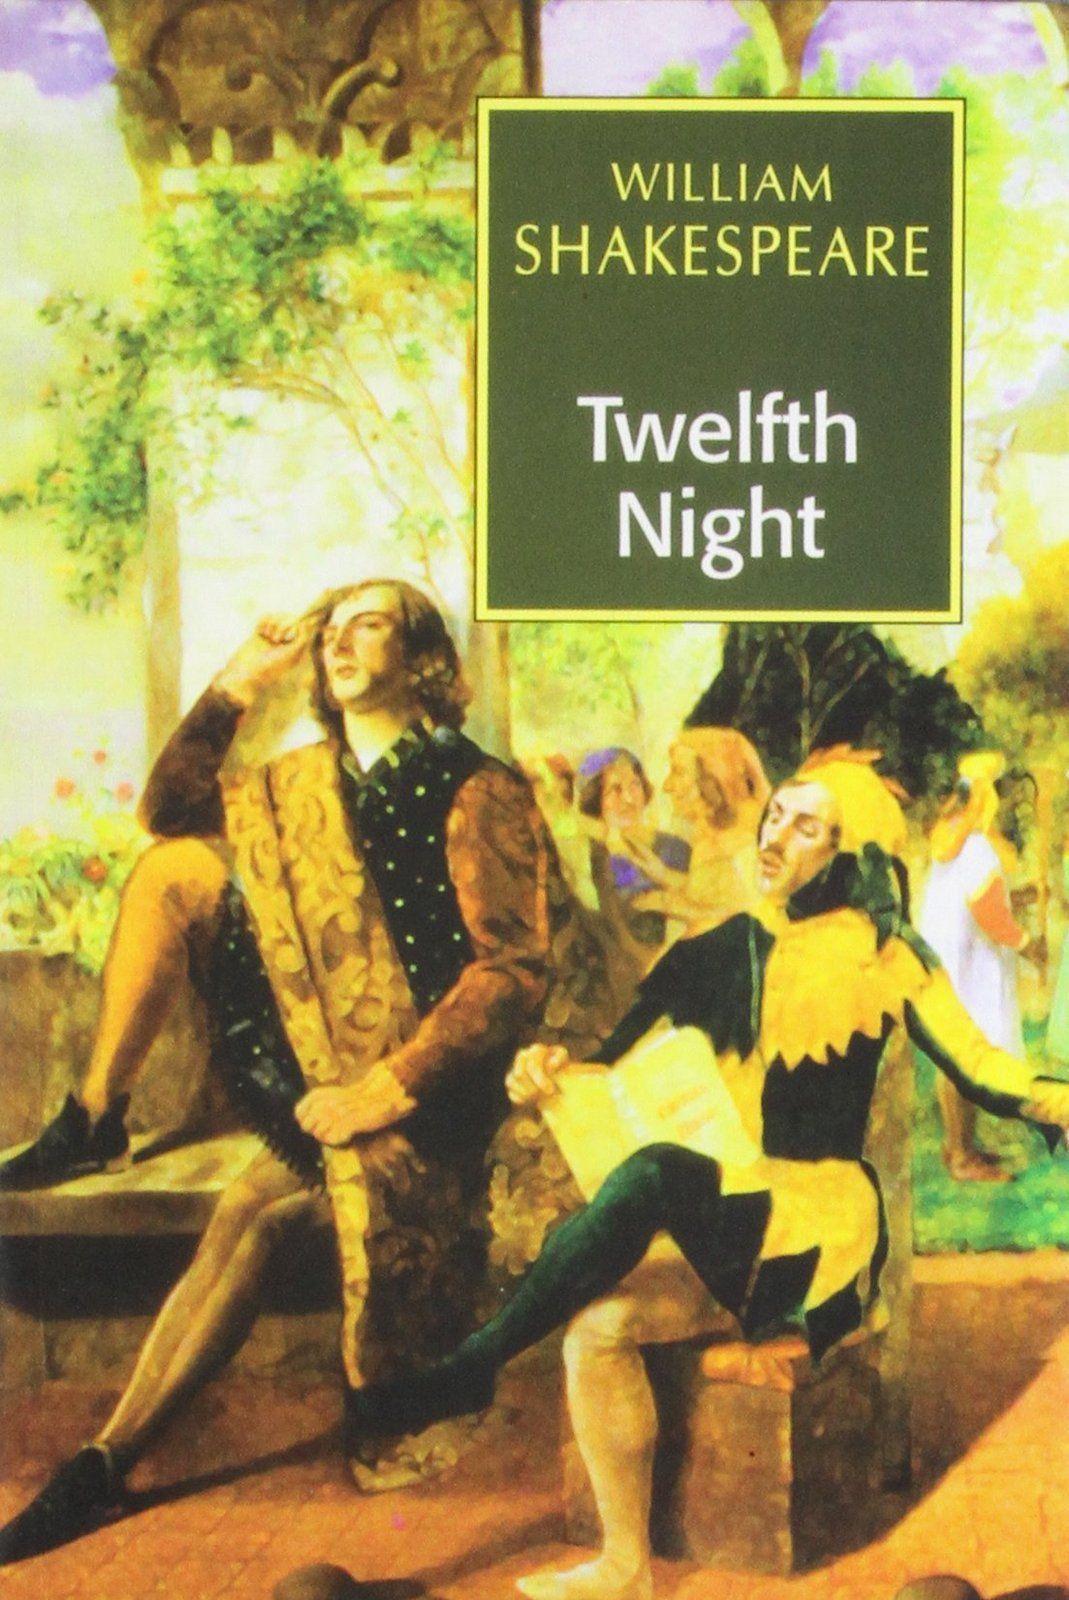 Twelfth Night [Paperback] [Jan 01, 2017] William